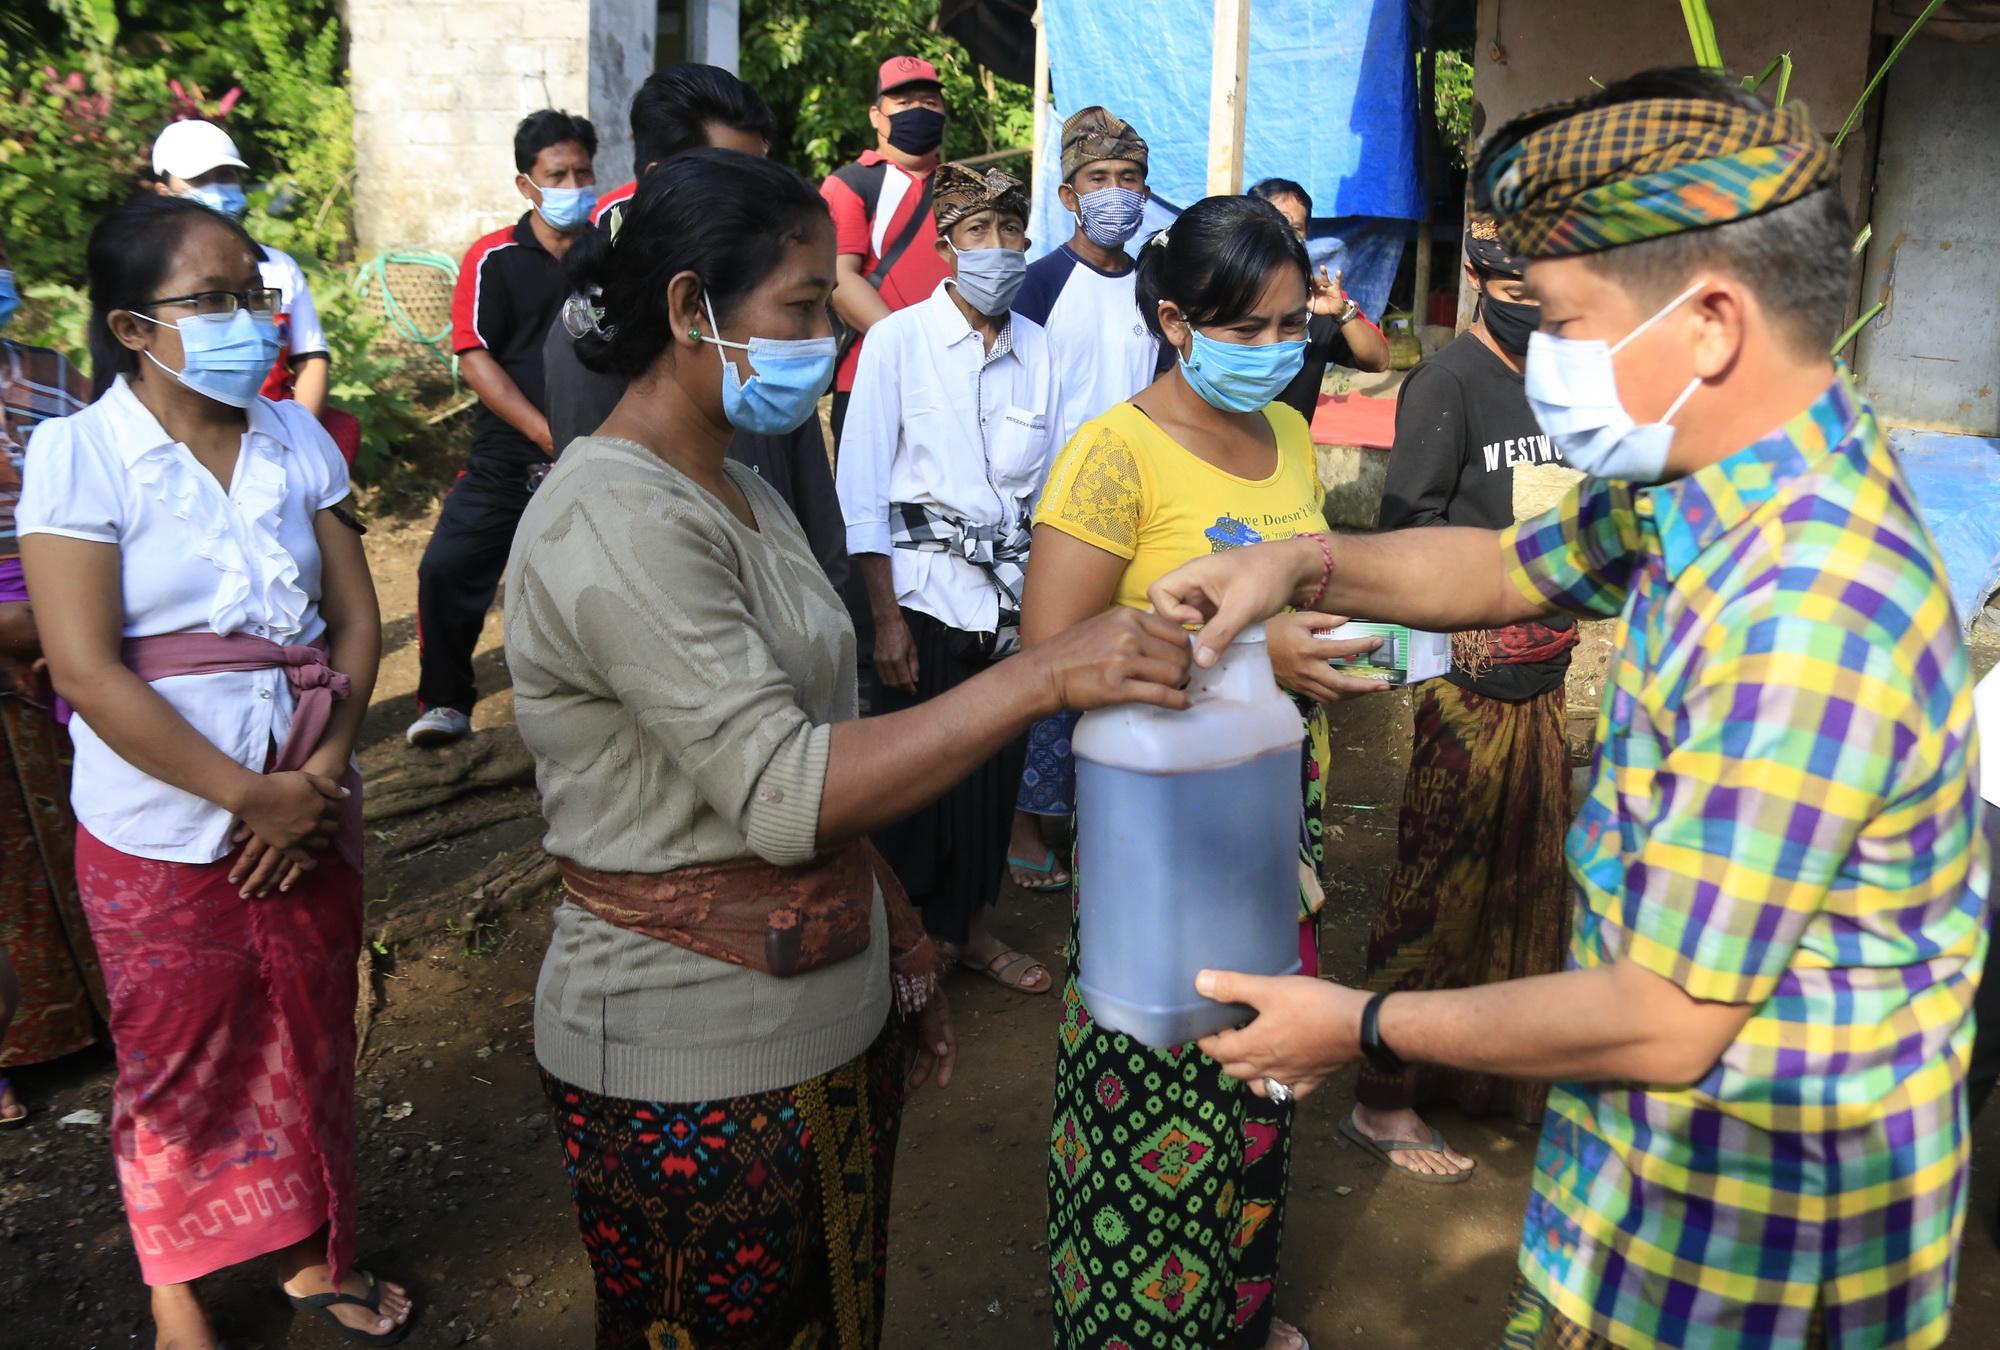 BUPATI Suwirta menyerahkan bantuan hidroponik kepada Ni Nyoman Ngenu (40) di Dusun Payungan, Desa Selat, Kecamatan Klungkung. Foto: ist